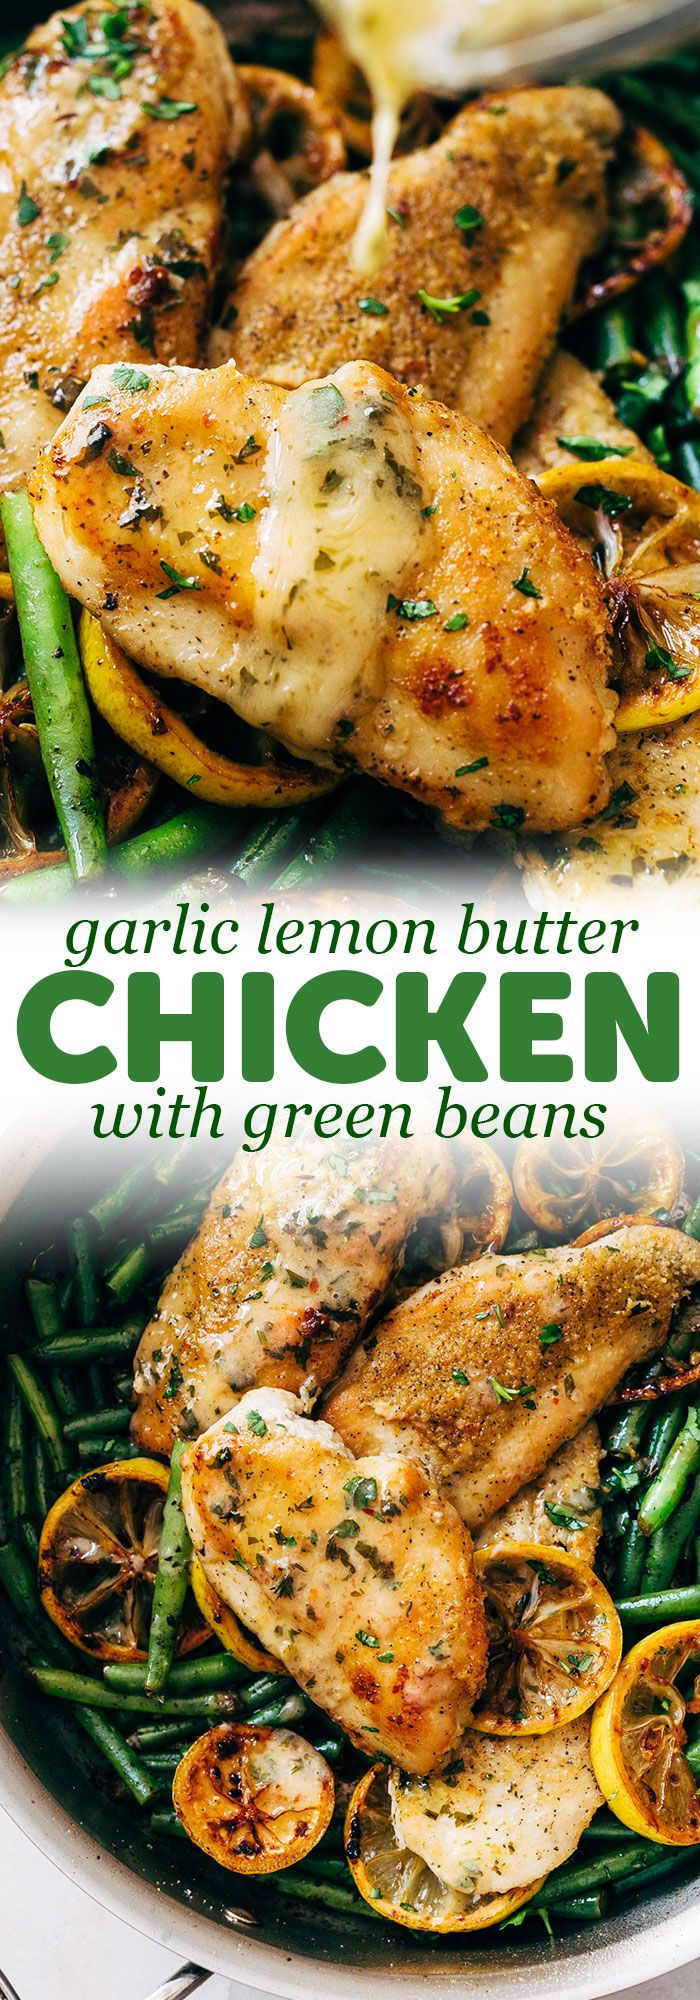 Skillet Garlic Lemon Butter Chicken images